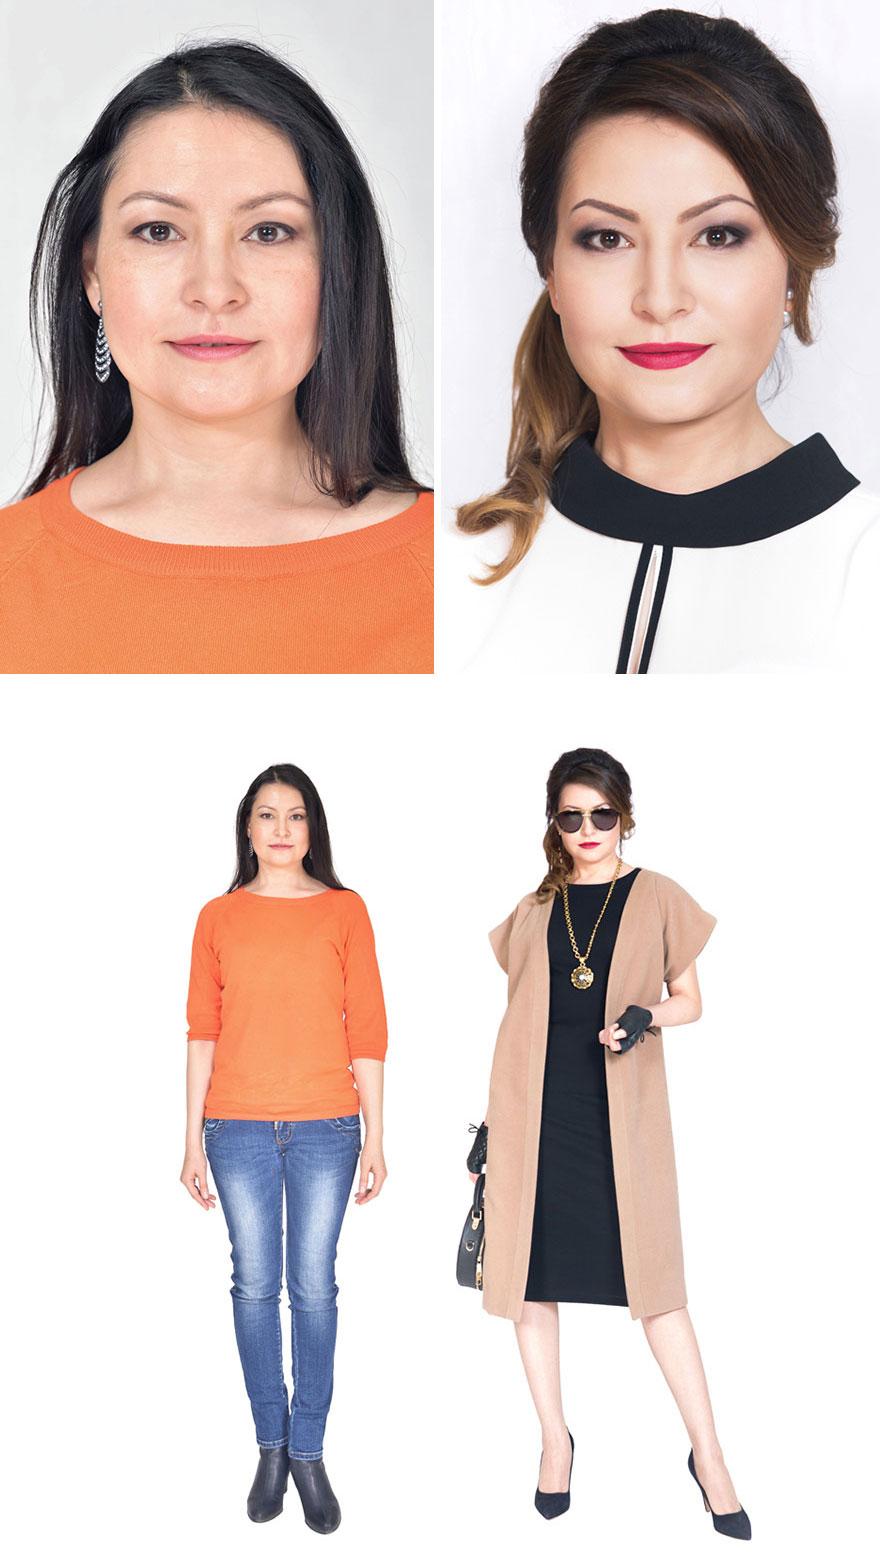 fotos-antes-despues-mujeres-cambio-estilo-bogomolov-21